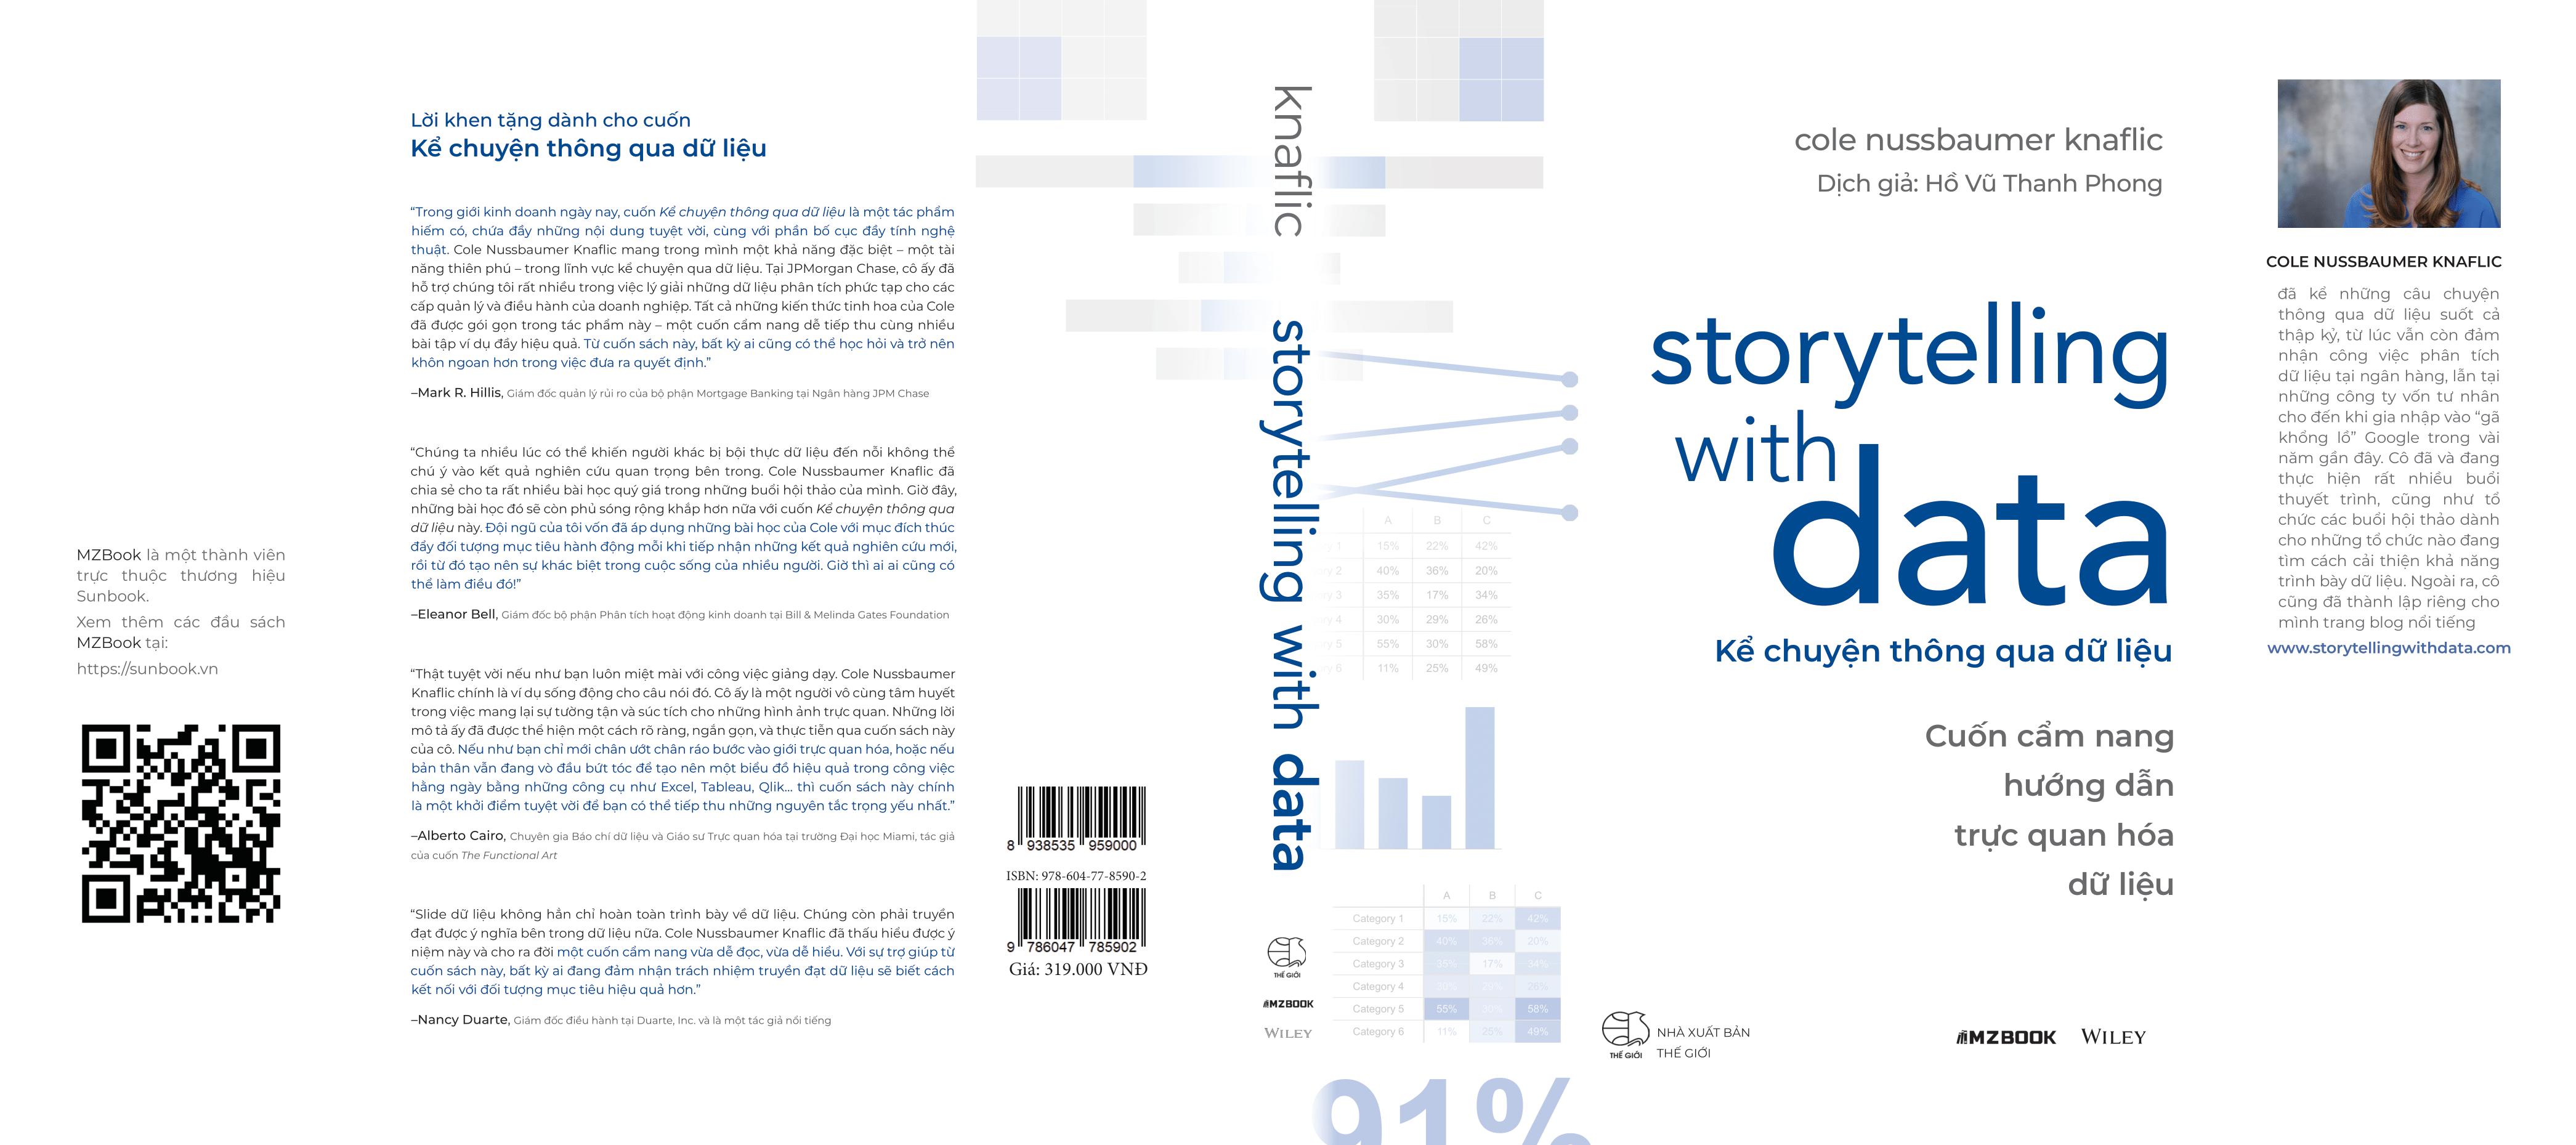 Sách: Storytelling with data - kể chuyện thông qua dữ liệu 9